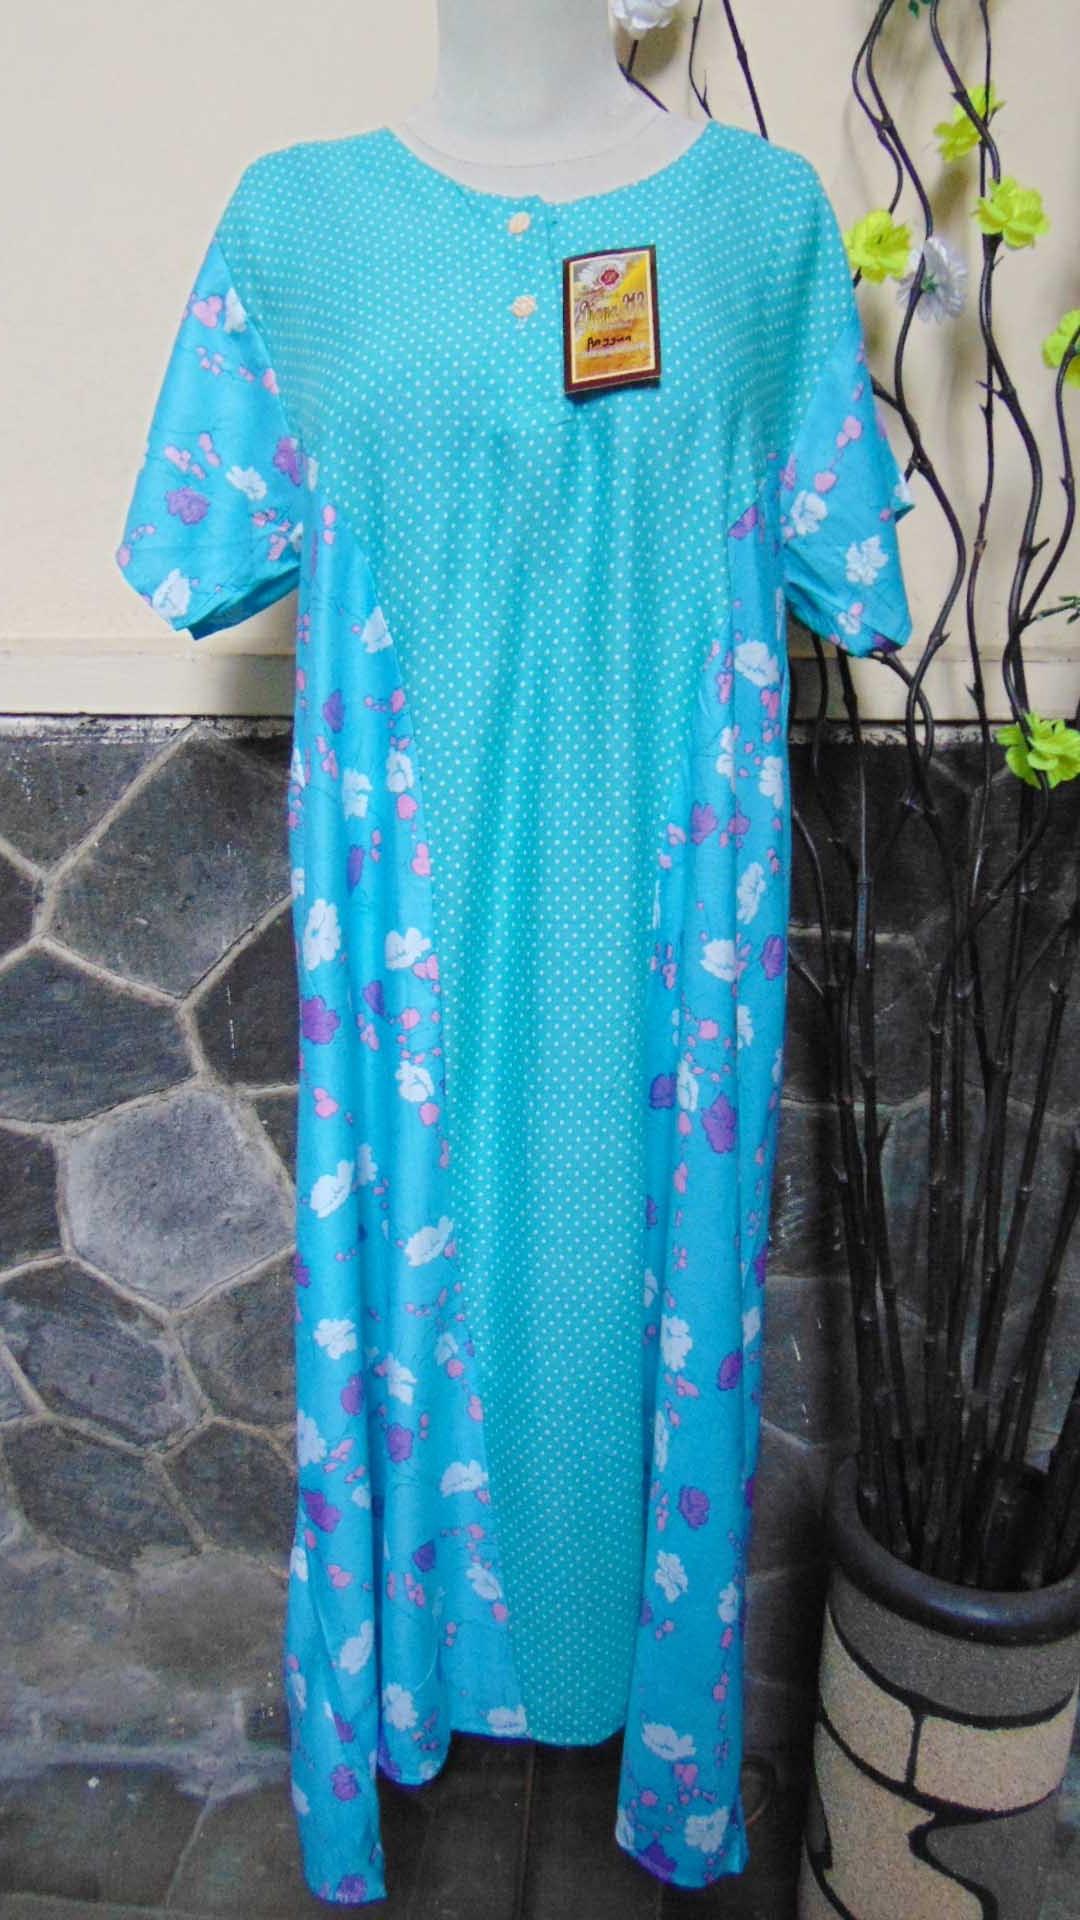 baju tidur santai batik daster wanita lengan pendek pias cantik daster diana motif polka bunga ANEKA WARNA (3)